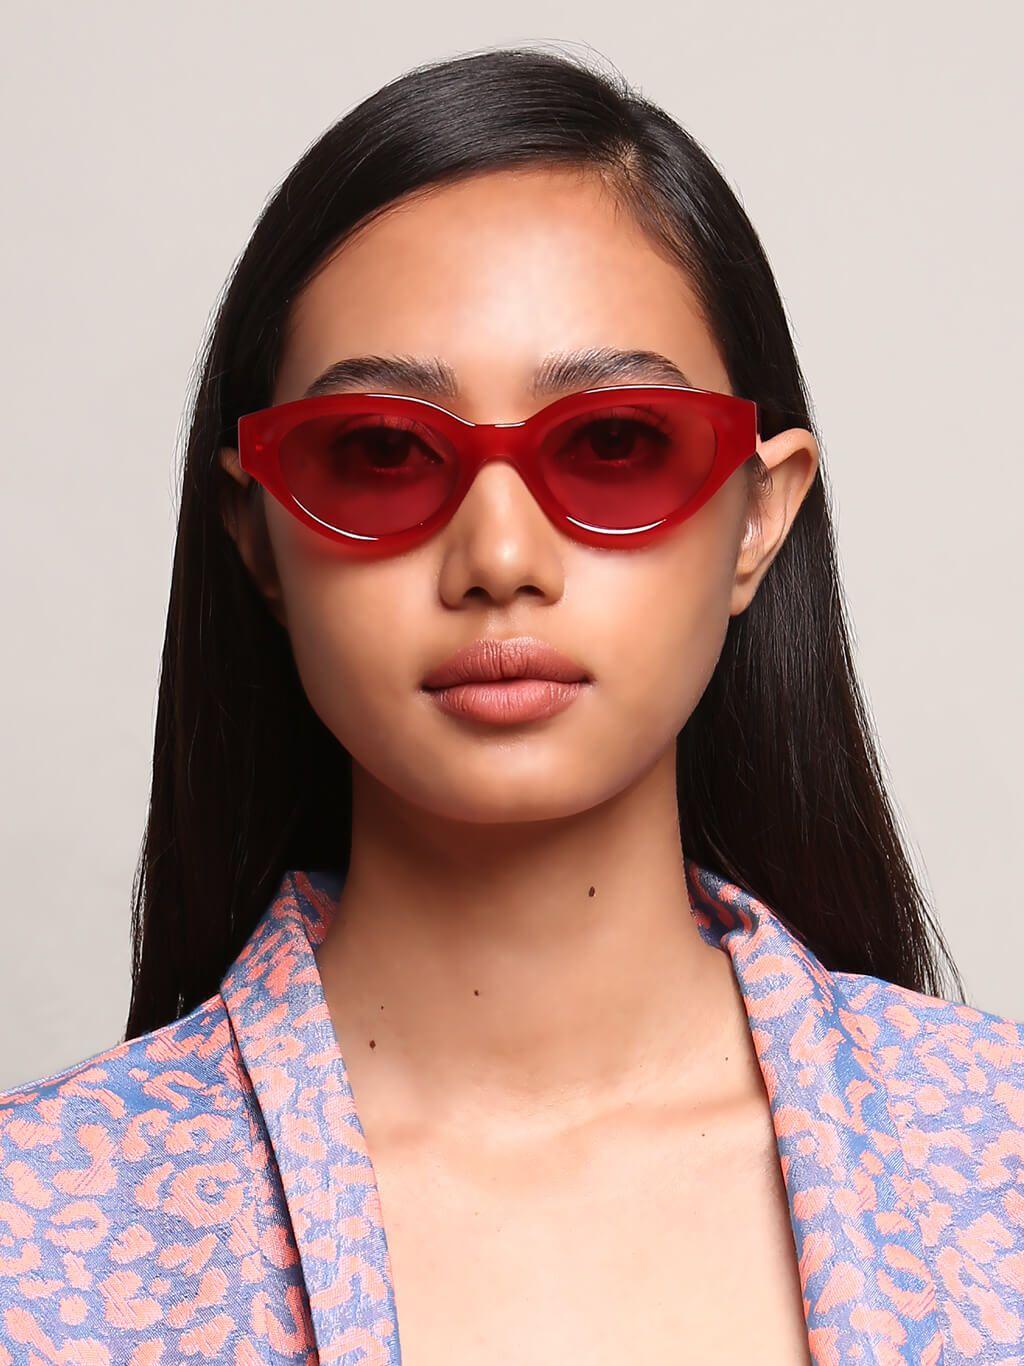 Cứ thắc mắc sao Jisoo hay mua đồ màu đỏ và tím, dễ là vì hợp mệnh Hỏa của cô nàng - Ảnh 7.